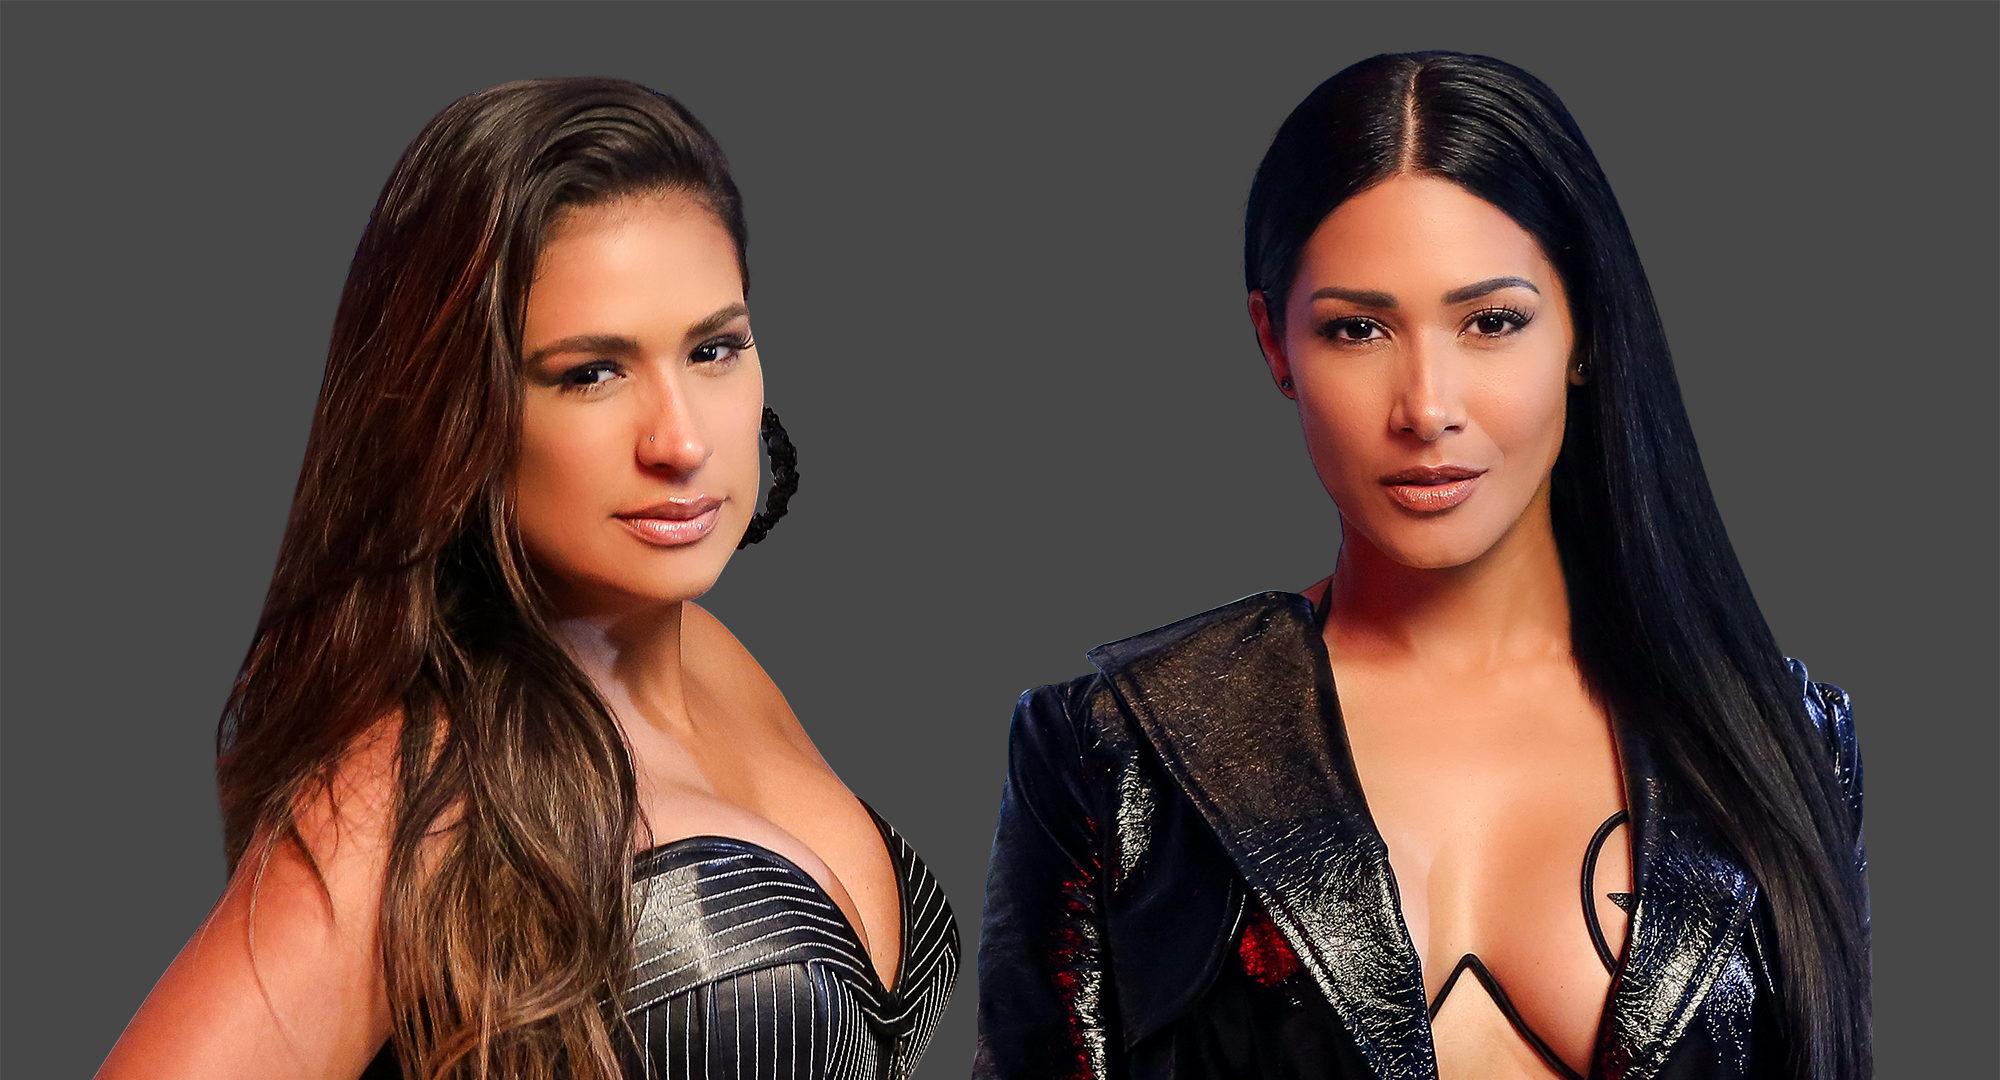 Simone e Simaria dizem que Maiara e Maraisa não querem fazer live com elas, entenda